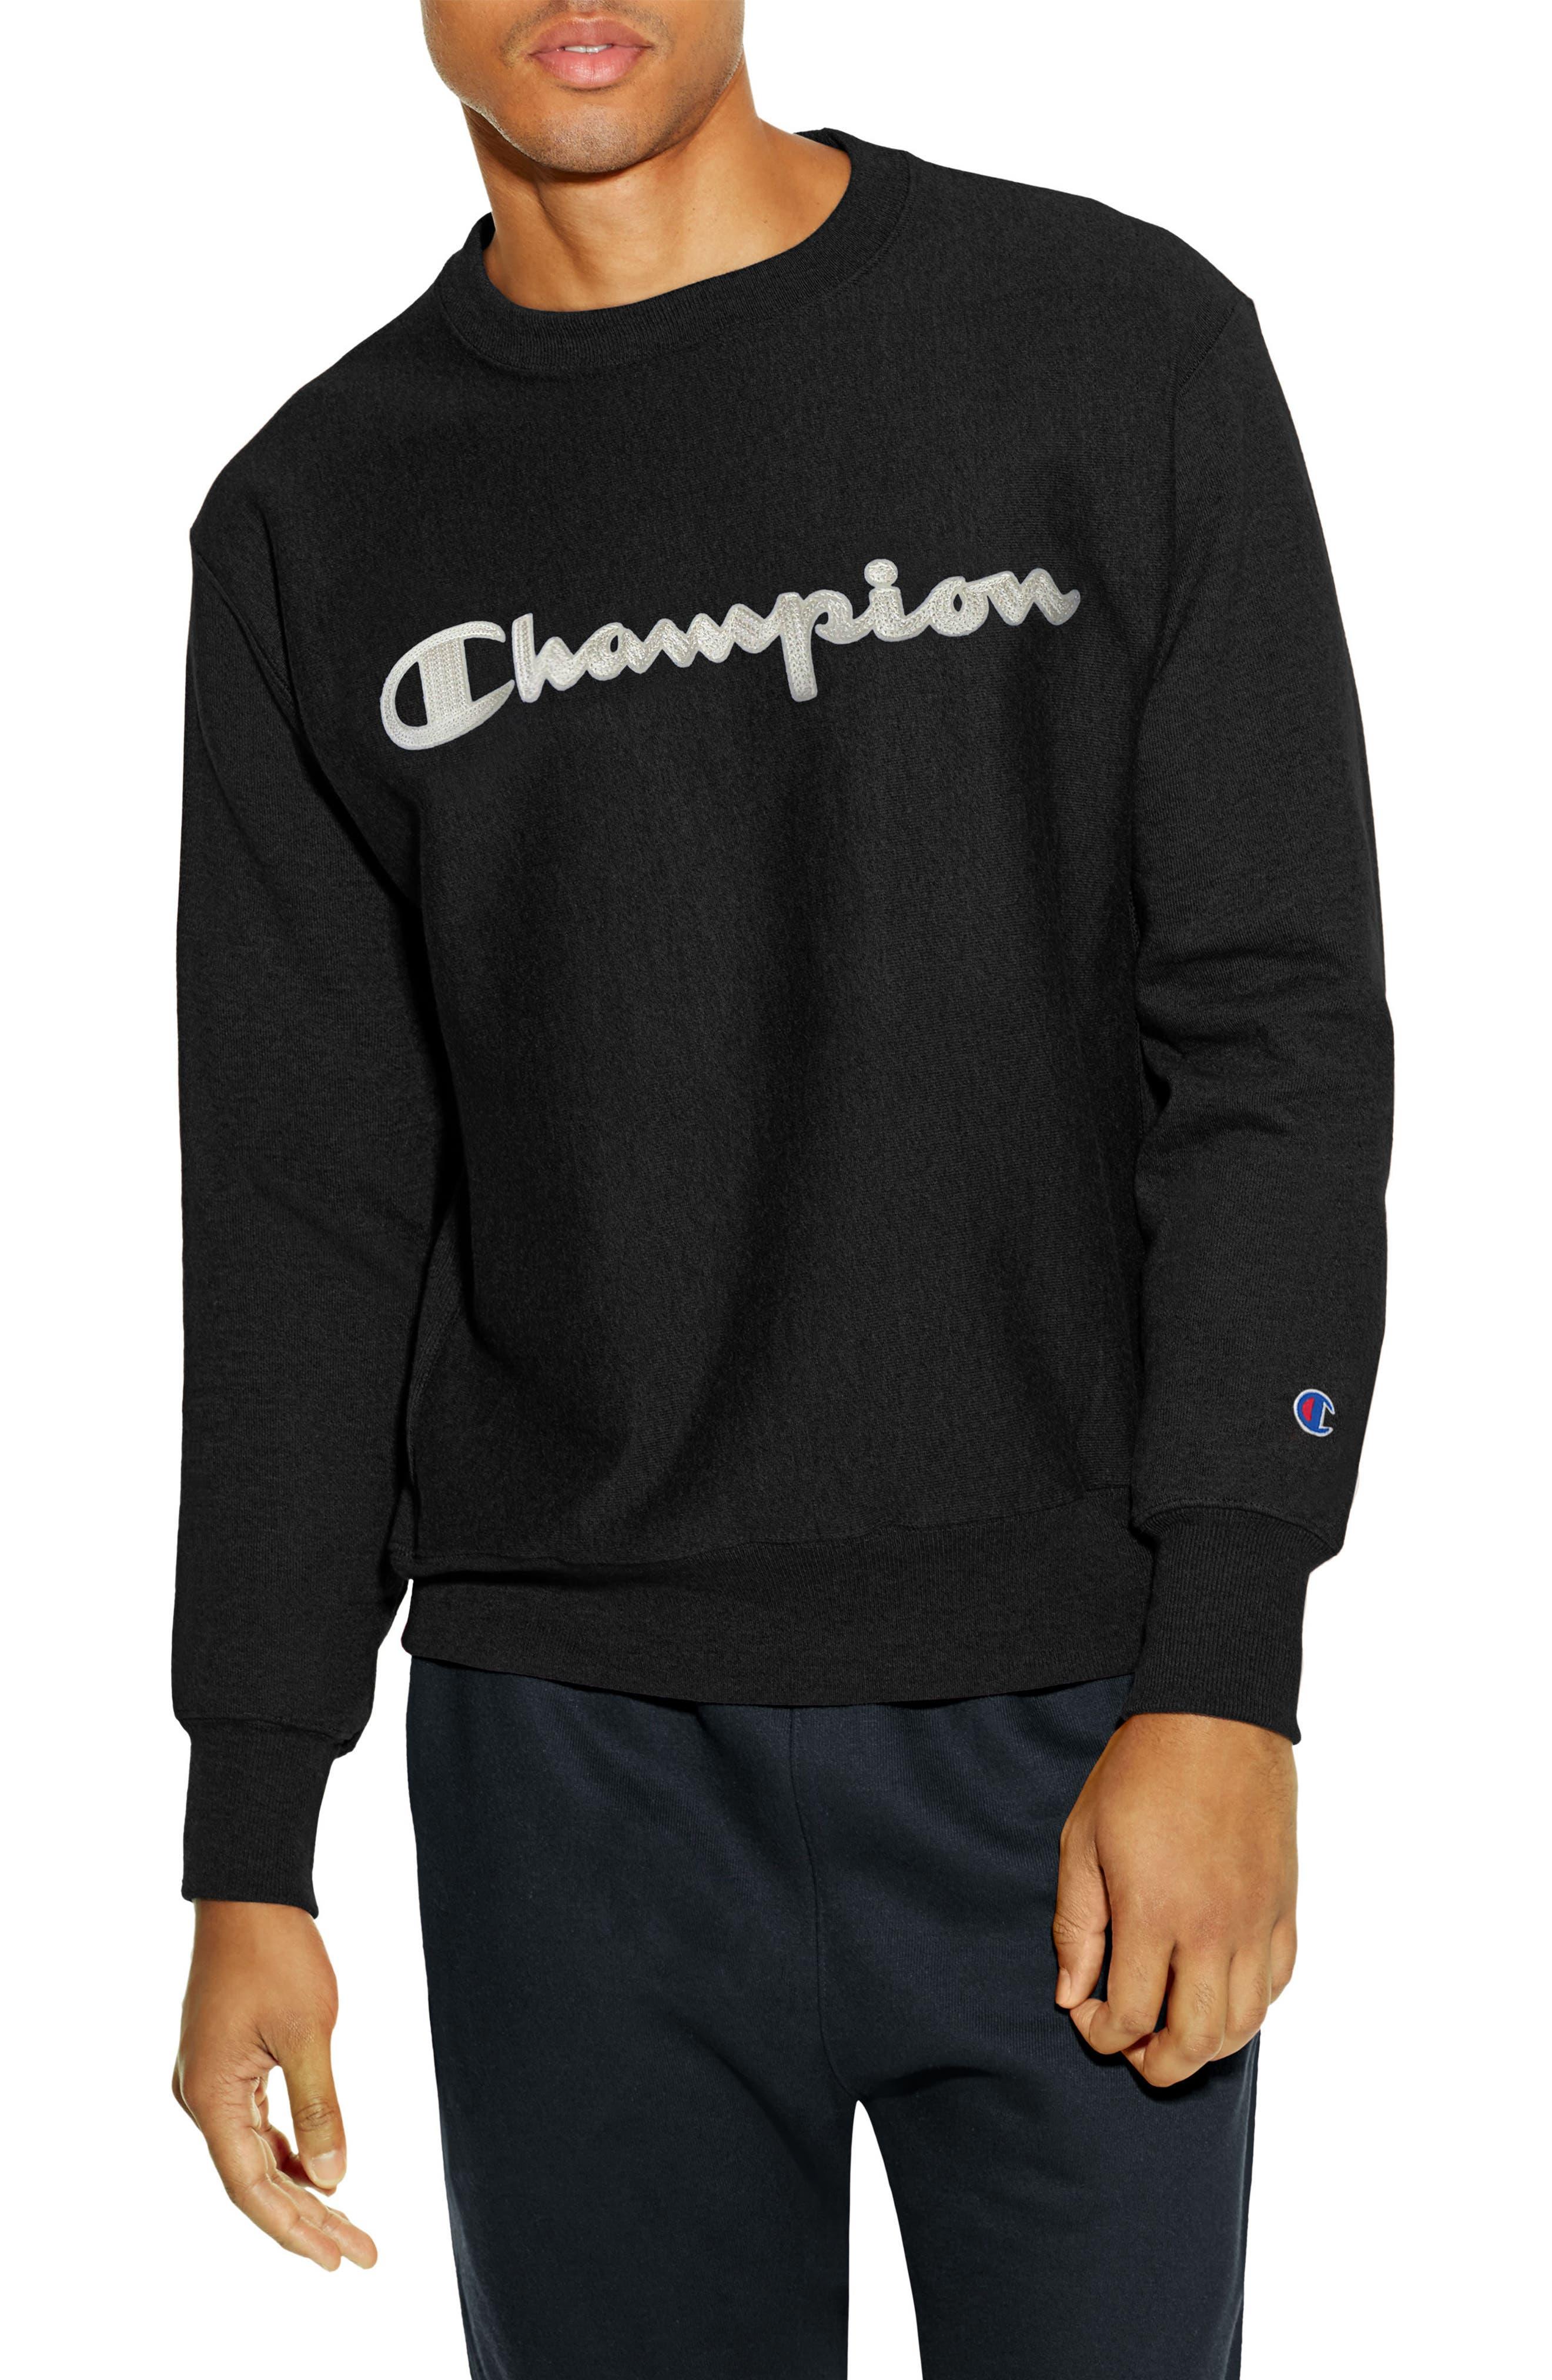 Reverse Weave Crewneck Cotton Blend Sweatshirt,                         Main,                         color, 001